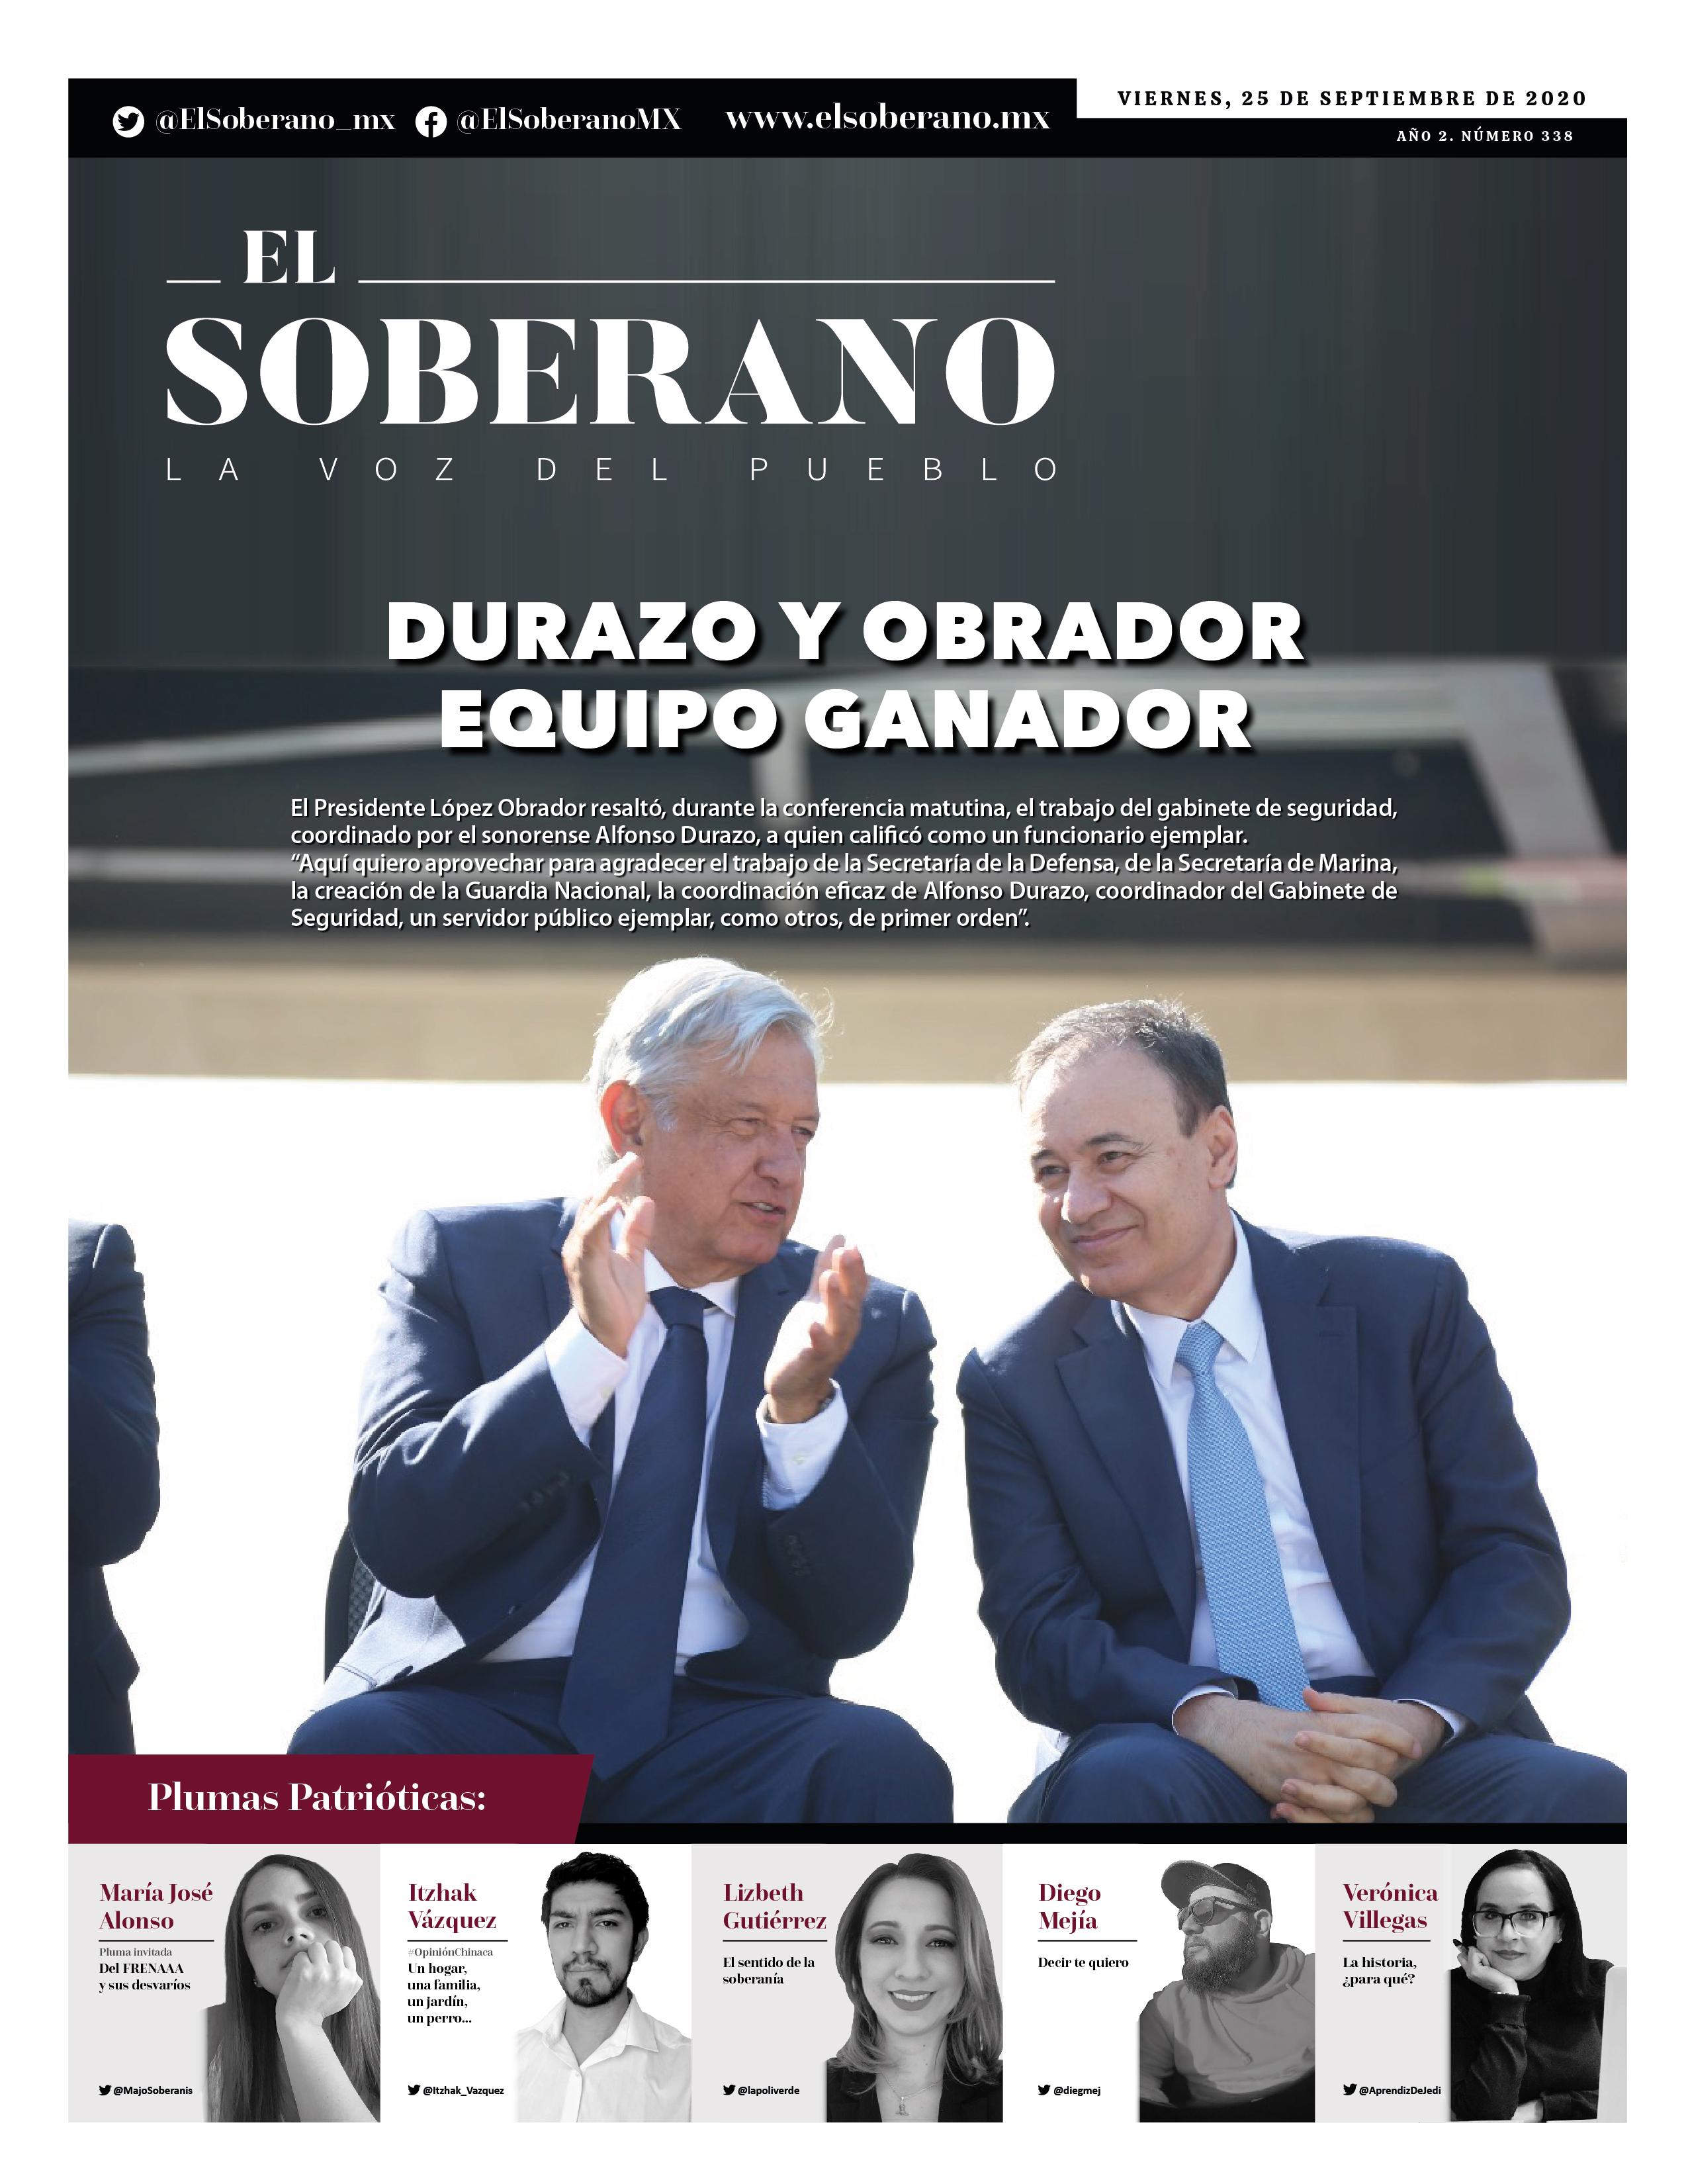 DURAZO Y OBRADOR EQUIPO GANADOR